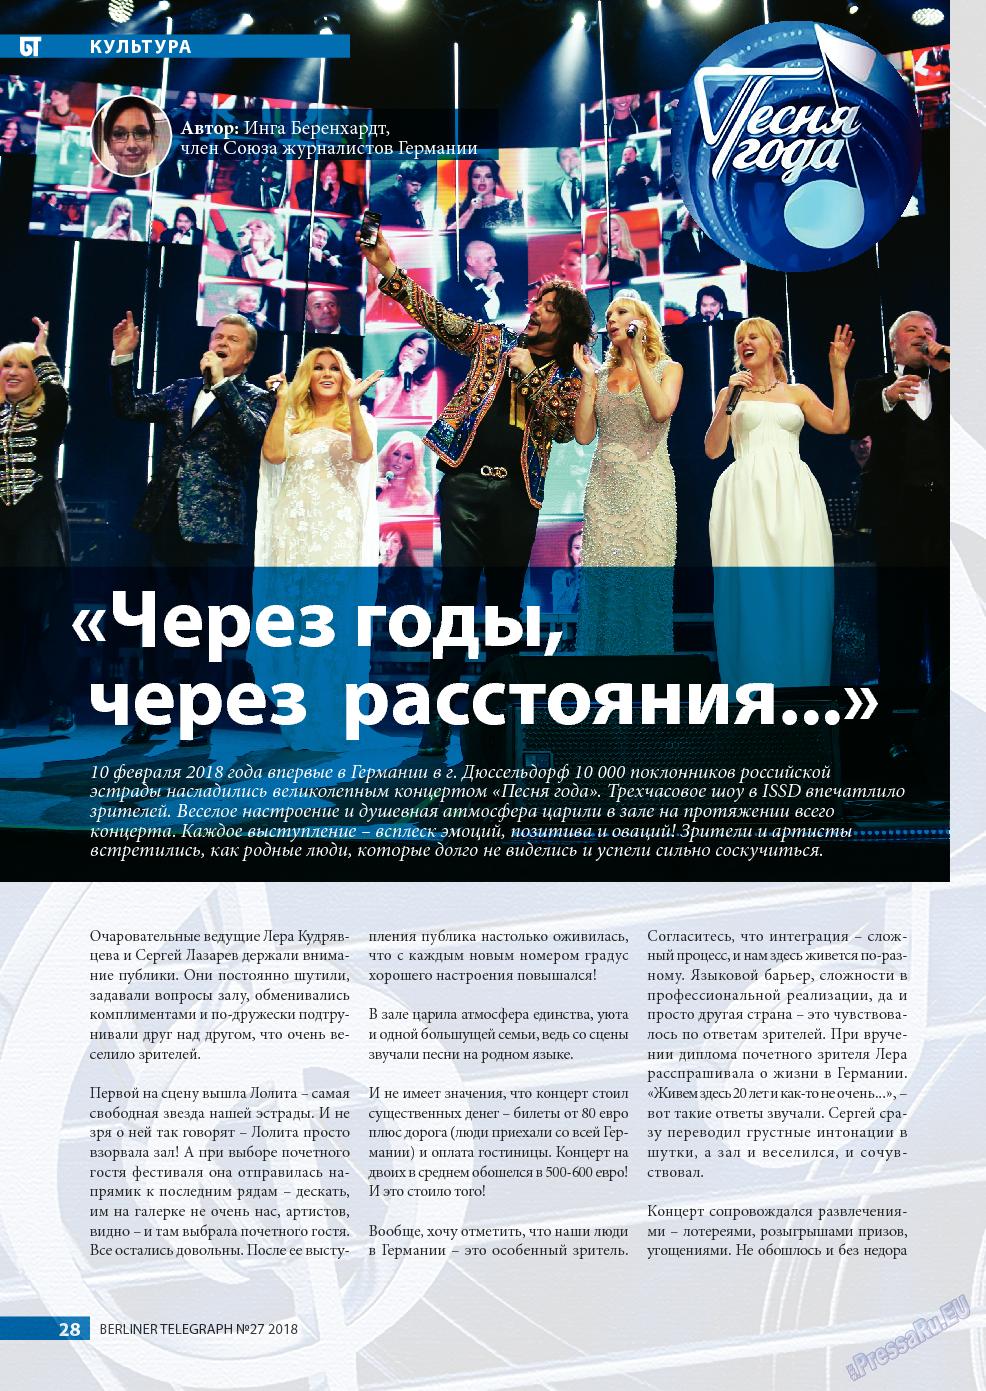 Берлинский телеграф (журнал). 2018 год, номер 27, стр. 28